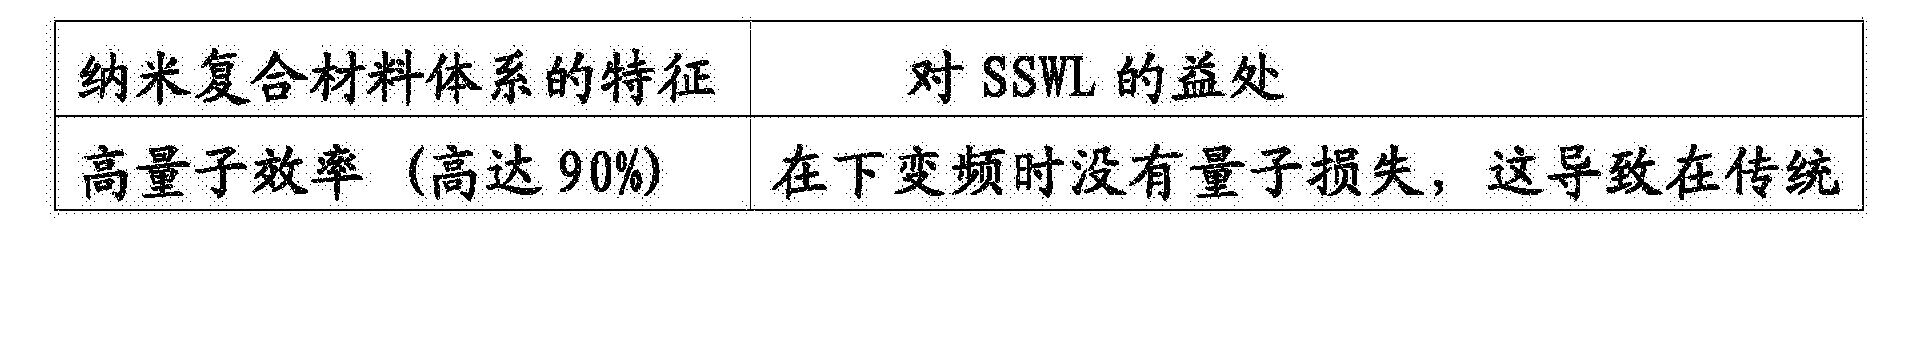 Figure CN104387772BD00151